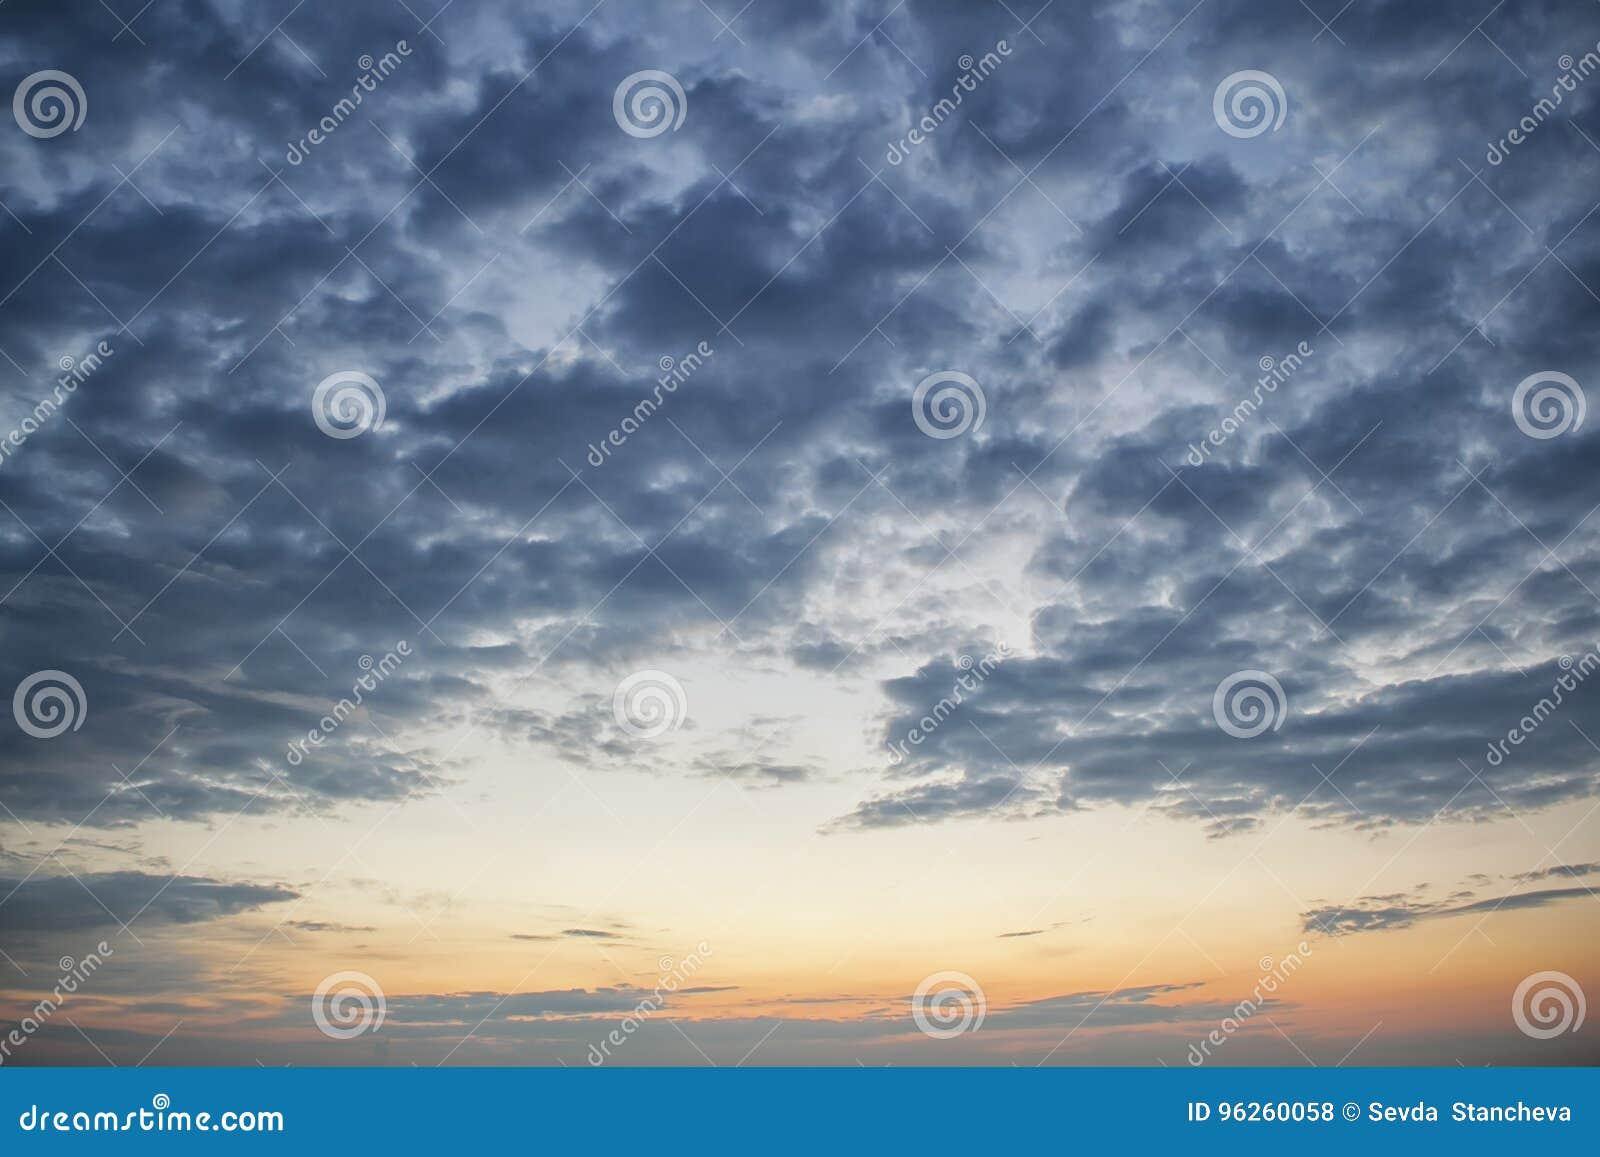 Δραματικός σκοτεινός νεφελώδης ουρανός πέρα από τη θάλασσα, φυσικό υπόβαθρο φωτογραφιών Σκοτεινό υπόβαθρο σύννεφων θύελλας